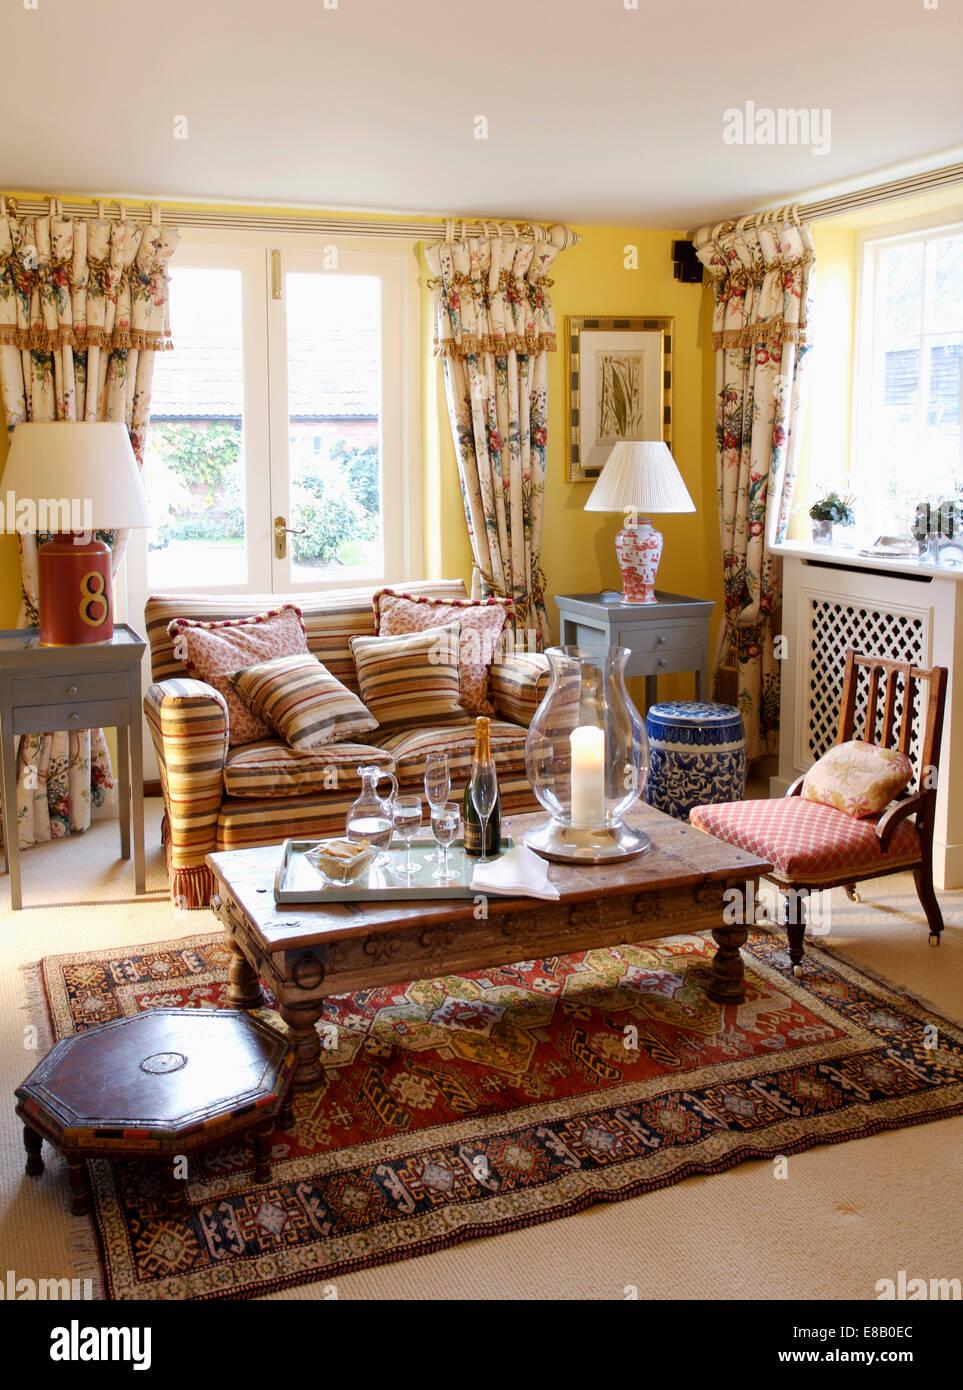 Braun gestreift, Sofa und floral Gardinen in gelb Wohnzimmer mit ...